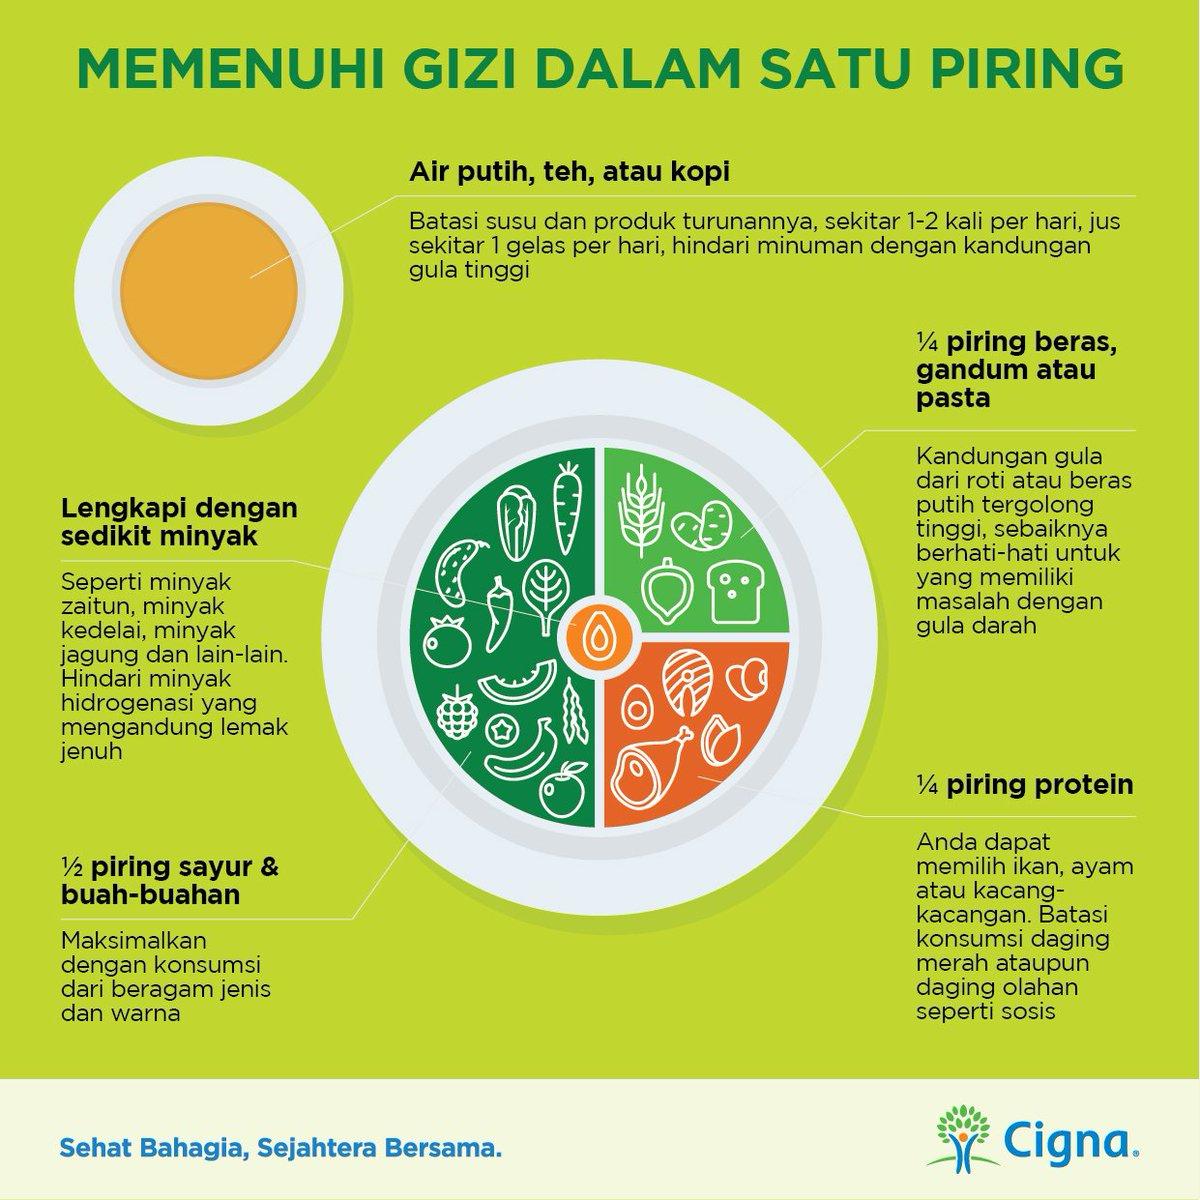 Cigna Indonesia En Twitter Sumber Nutrisi Yang Dibutuhkan Tubuh Datang Dari Makan Pokok Yang Kita Makan Pastikan Nutrisi Harian Terpenuhi Dengan Menghitung Porsi Setiap Jenis Makanan Yang Anda Konsumsi Setiap Harinya Selamat